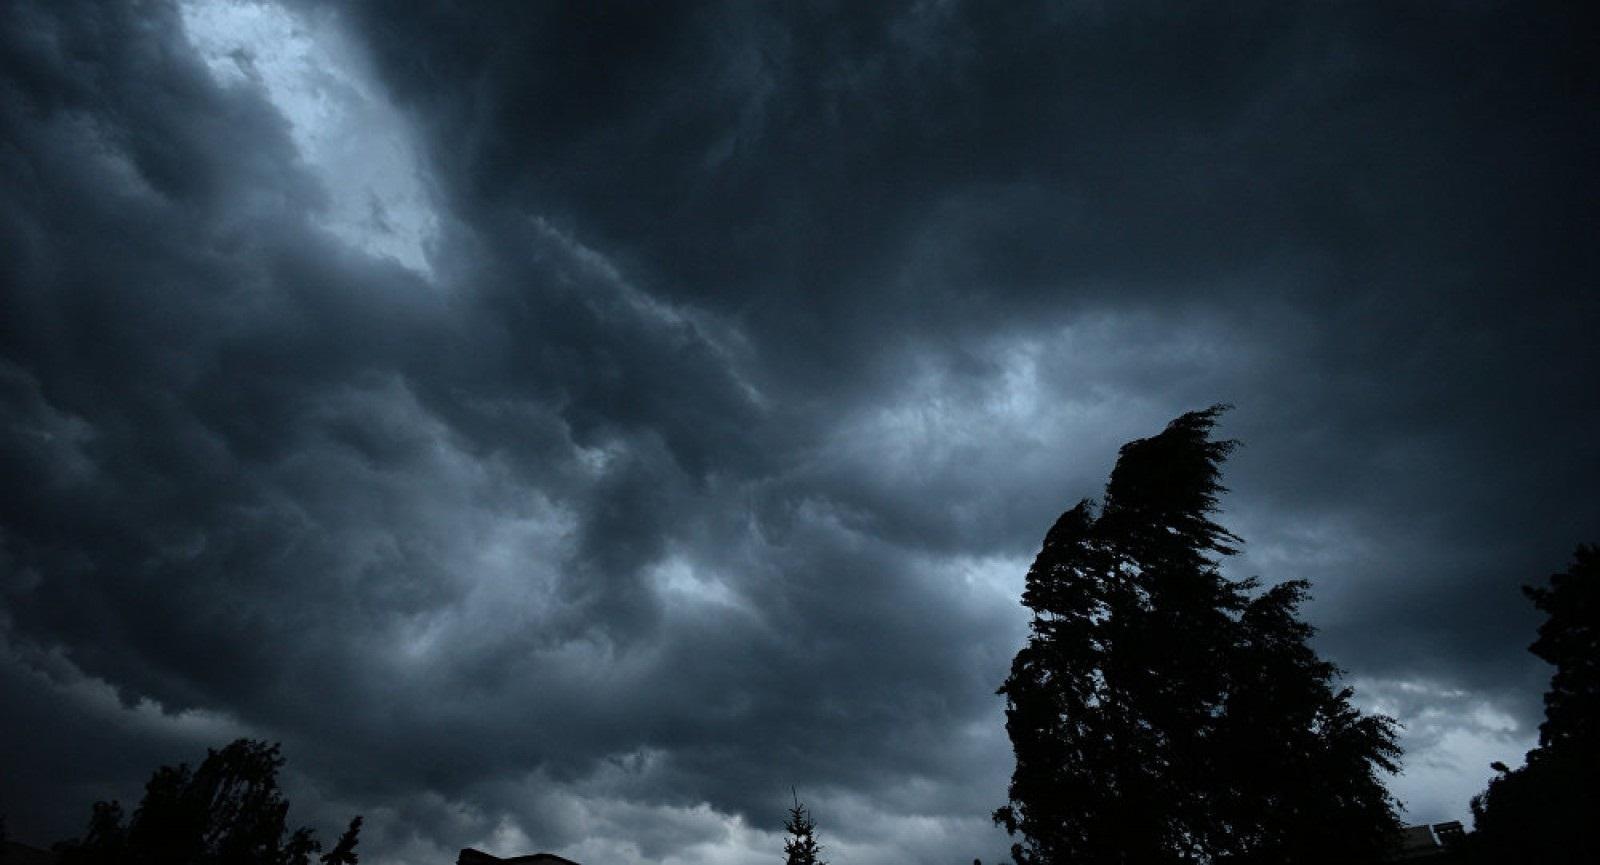 МЧС предупреждает обусилении штормового ветра вПетербурге